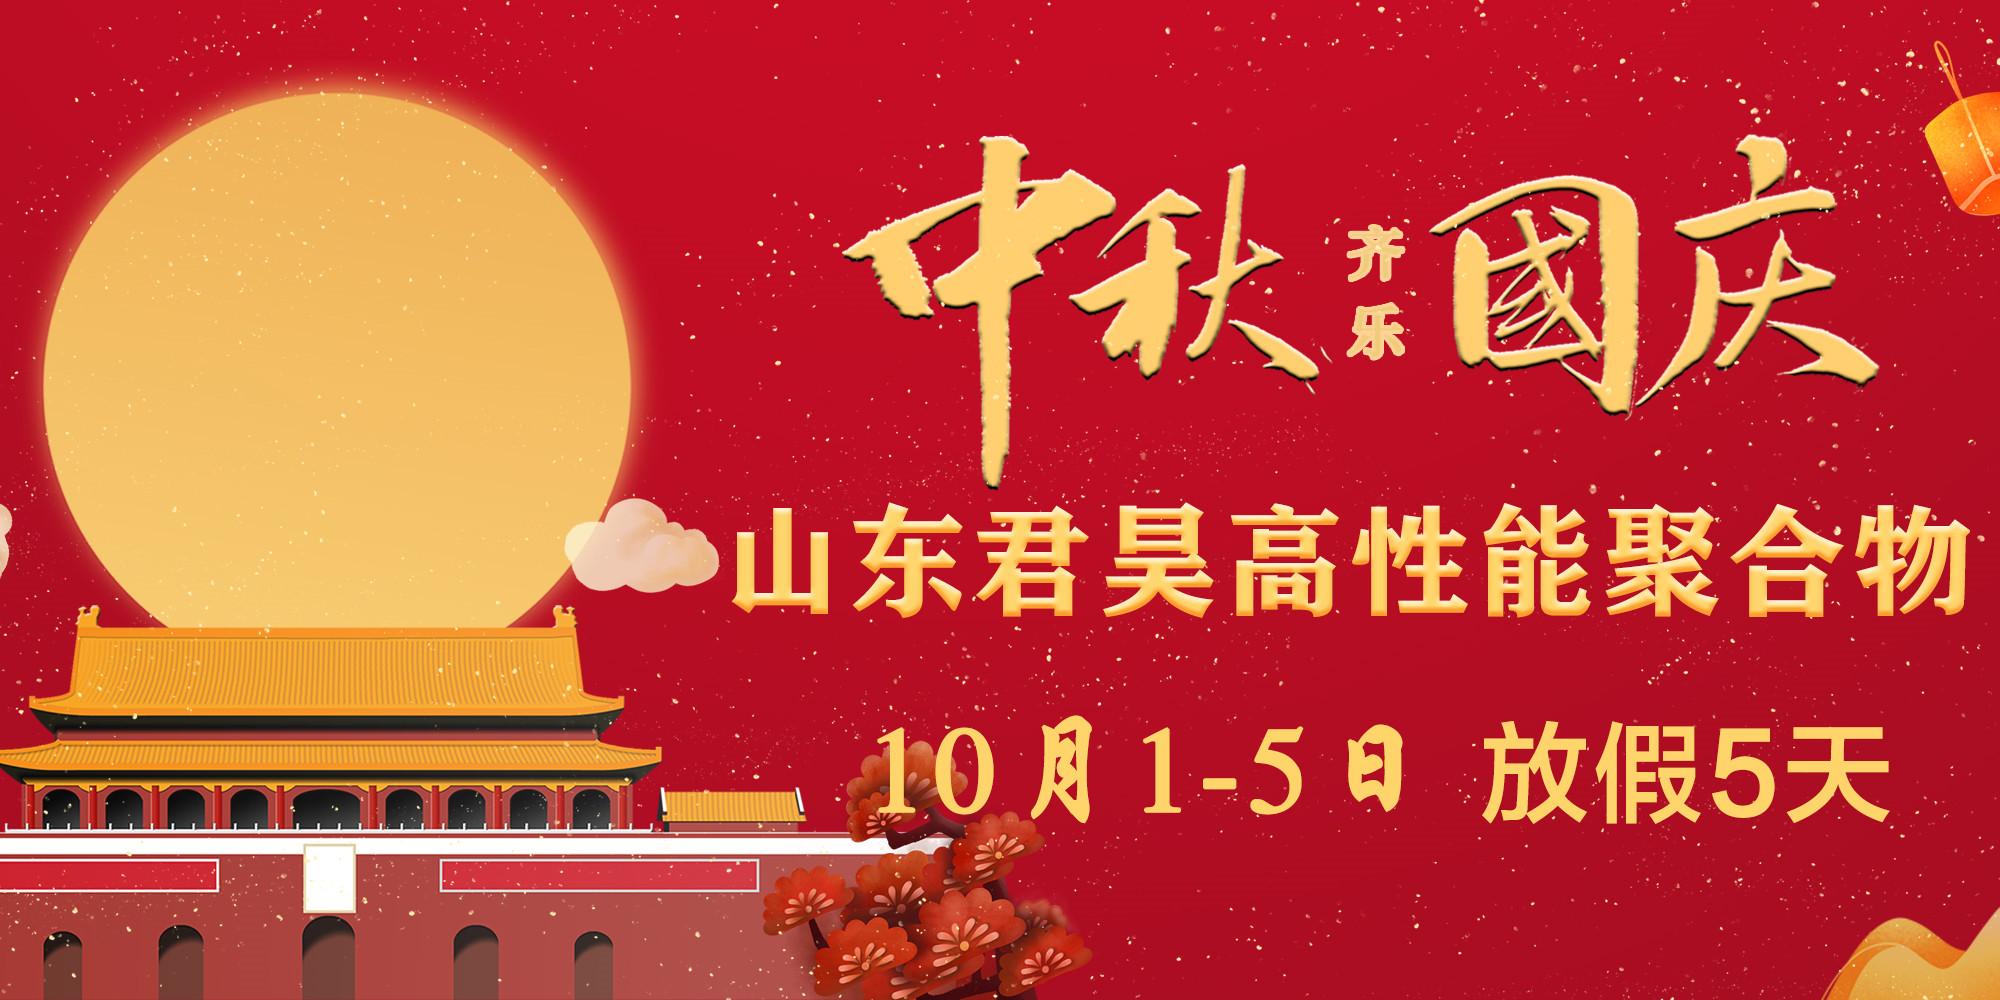 中秋•国庆|山东君昊与您共迎佳节